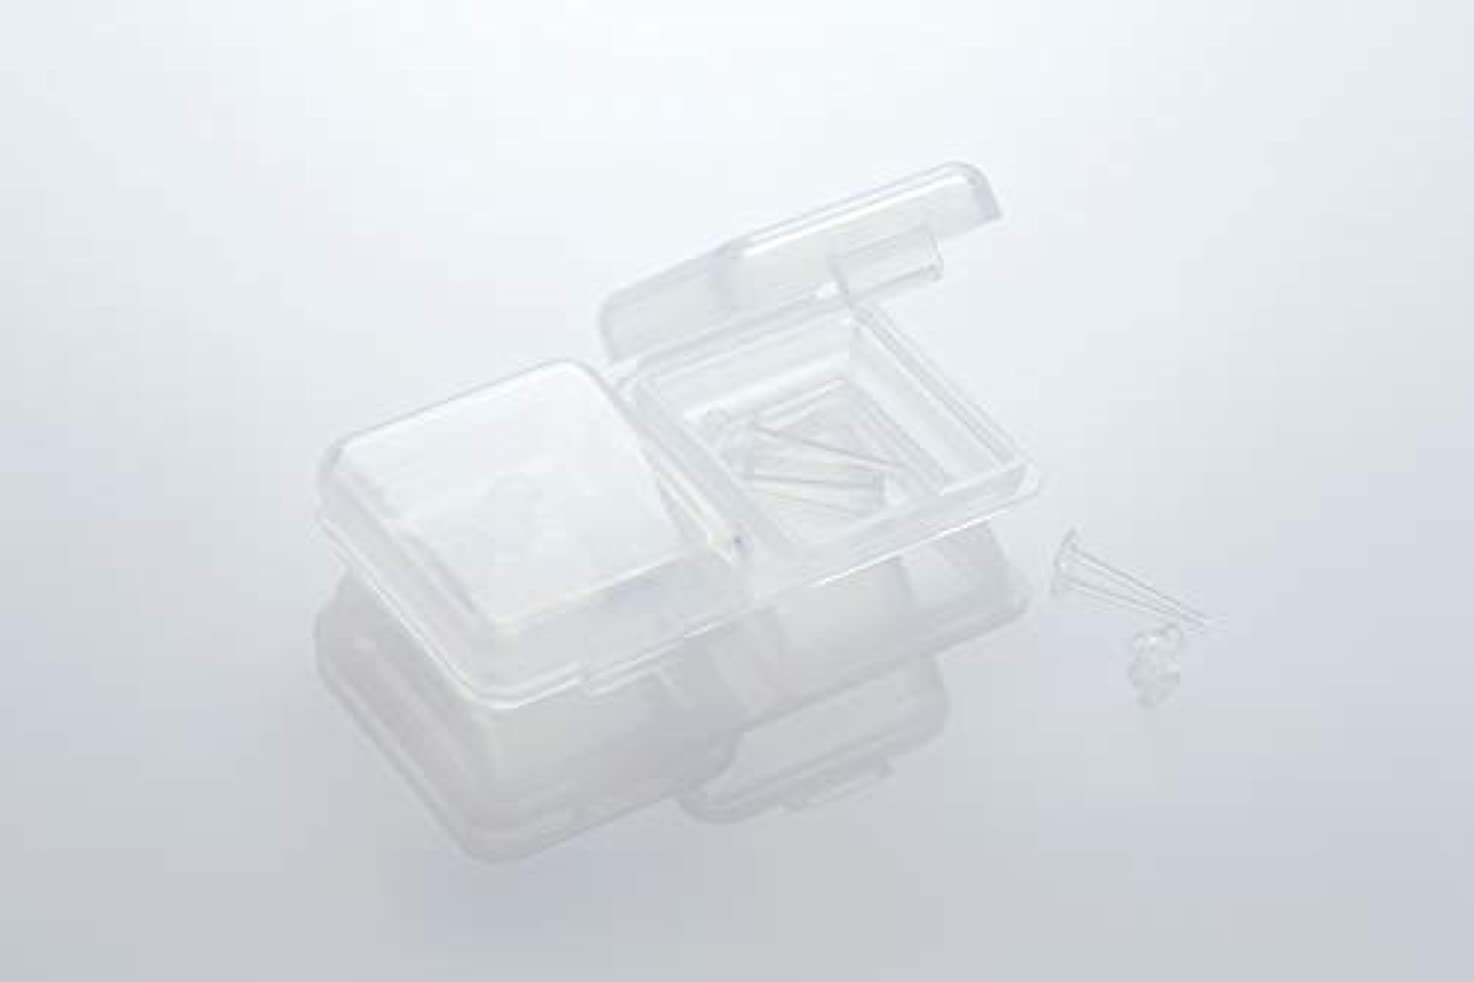 [ワンダーワークス] WONDERWORKS 医療用樹脂製 シークレットピアス リメイン 金属アレルギーフリー 2ペア W20006